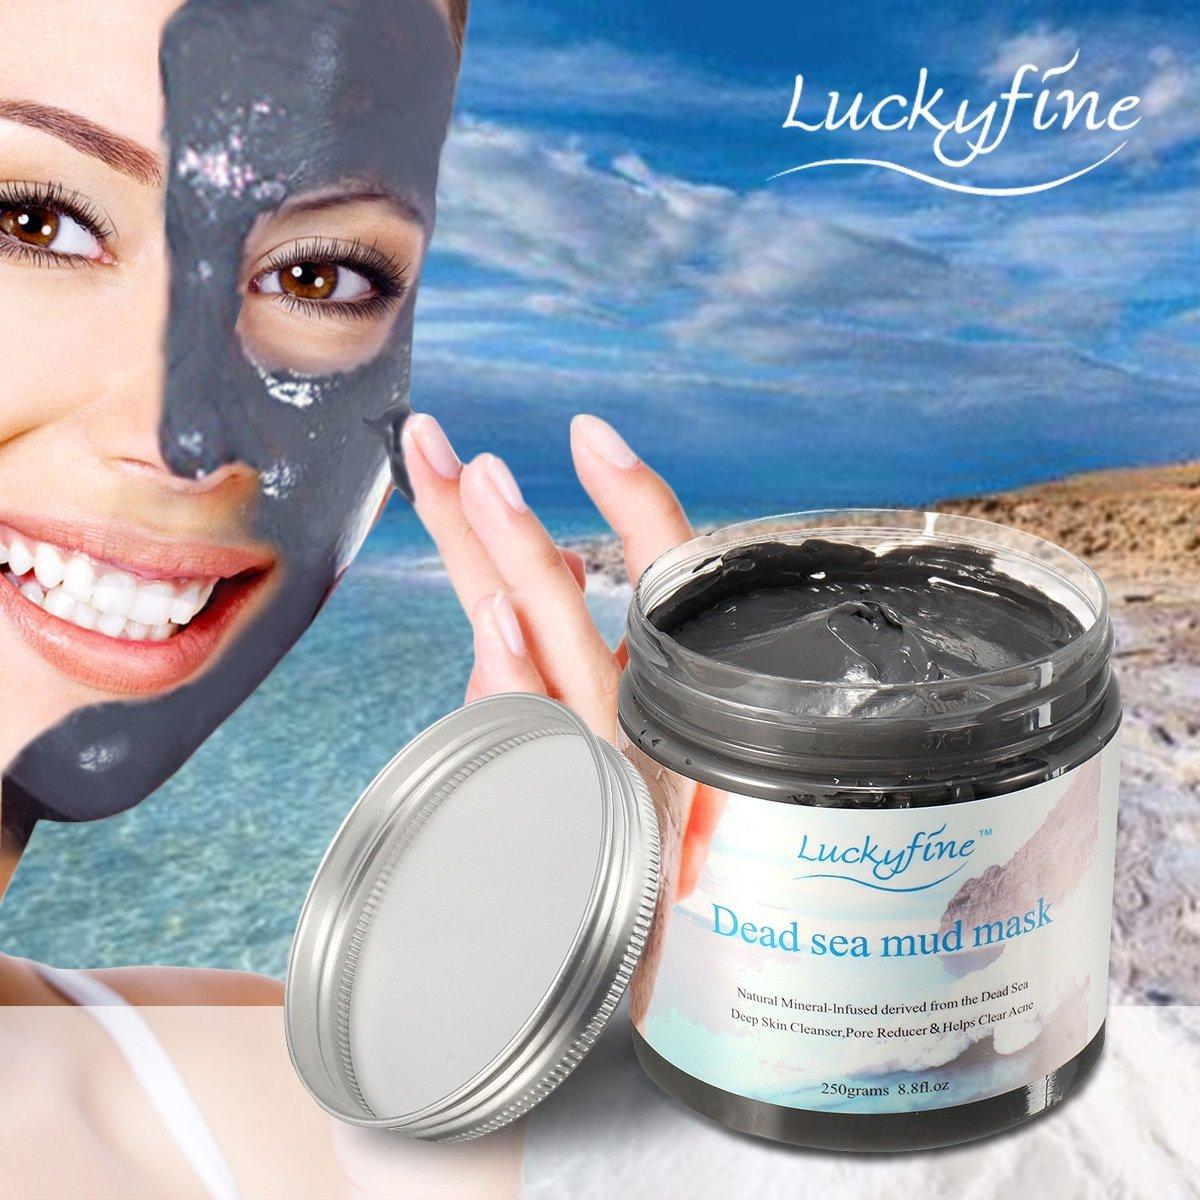 Masque Noir Masque de boue d'algues LuckyFine Dead sea mud mask Anti-Point Masque, Point Noir Masque, Black Head Masque, Nettoyant en profondeur 250g